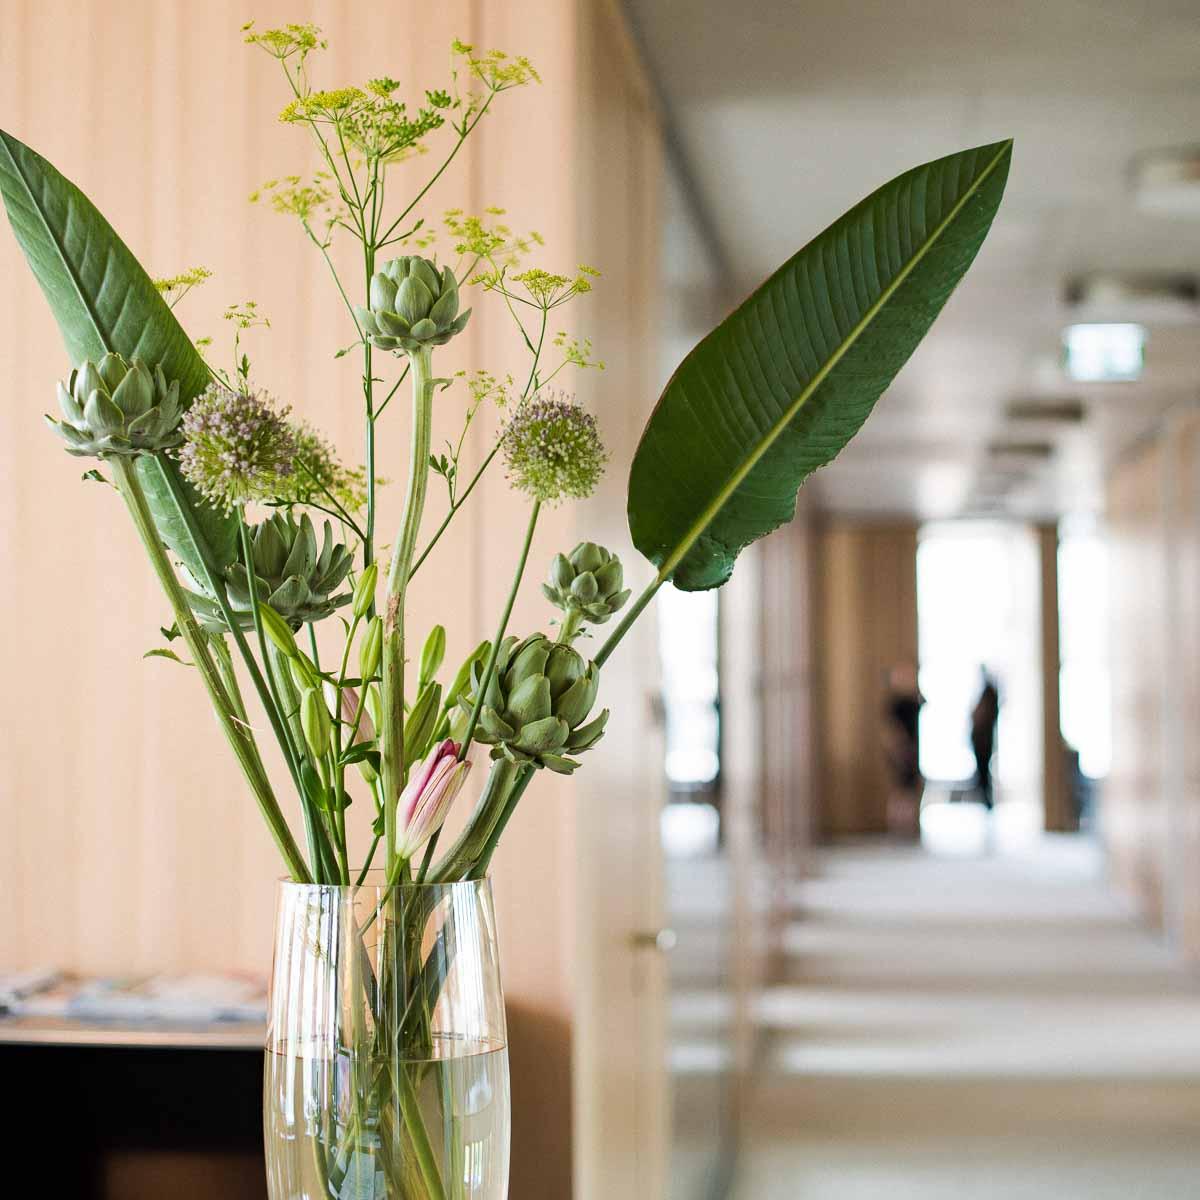 Blumenbett Florist Kollwitzstrasse Berlin-Prenzlauer Berg-2